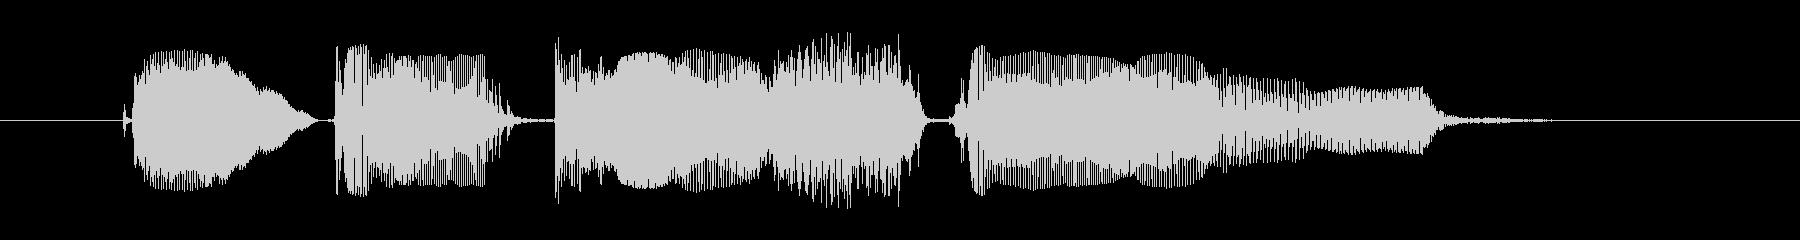 ティーンメスC:わかりませんの未再生の波形